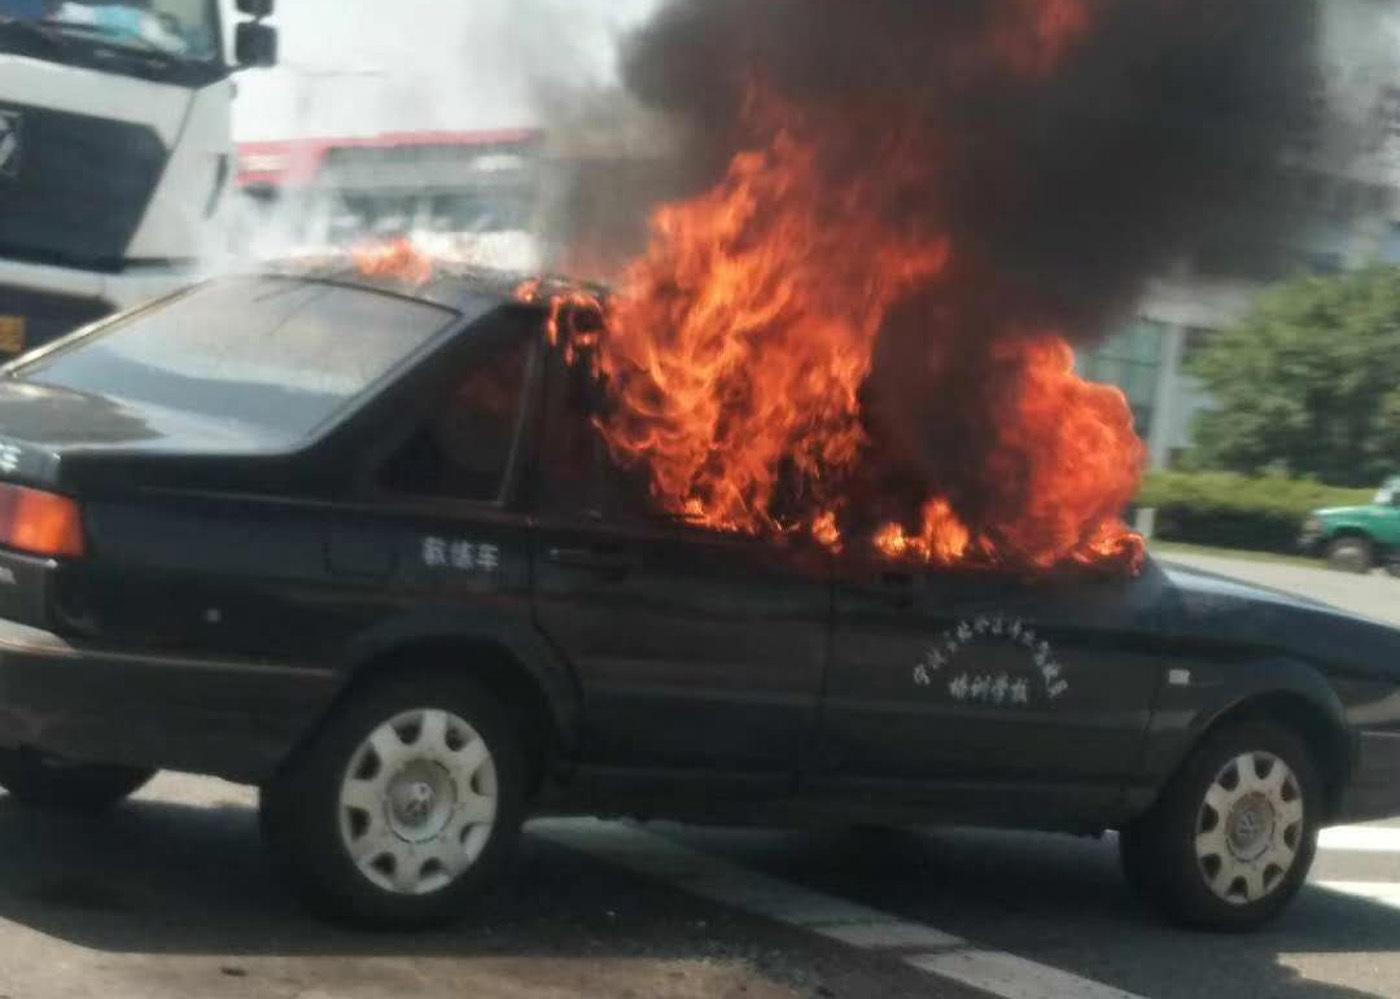 2018年7月29日,浙江宁波一驾校教练车街头突起火,烈焰瞬间吞噬驾驶室